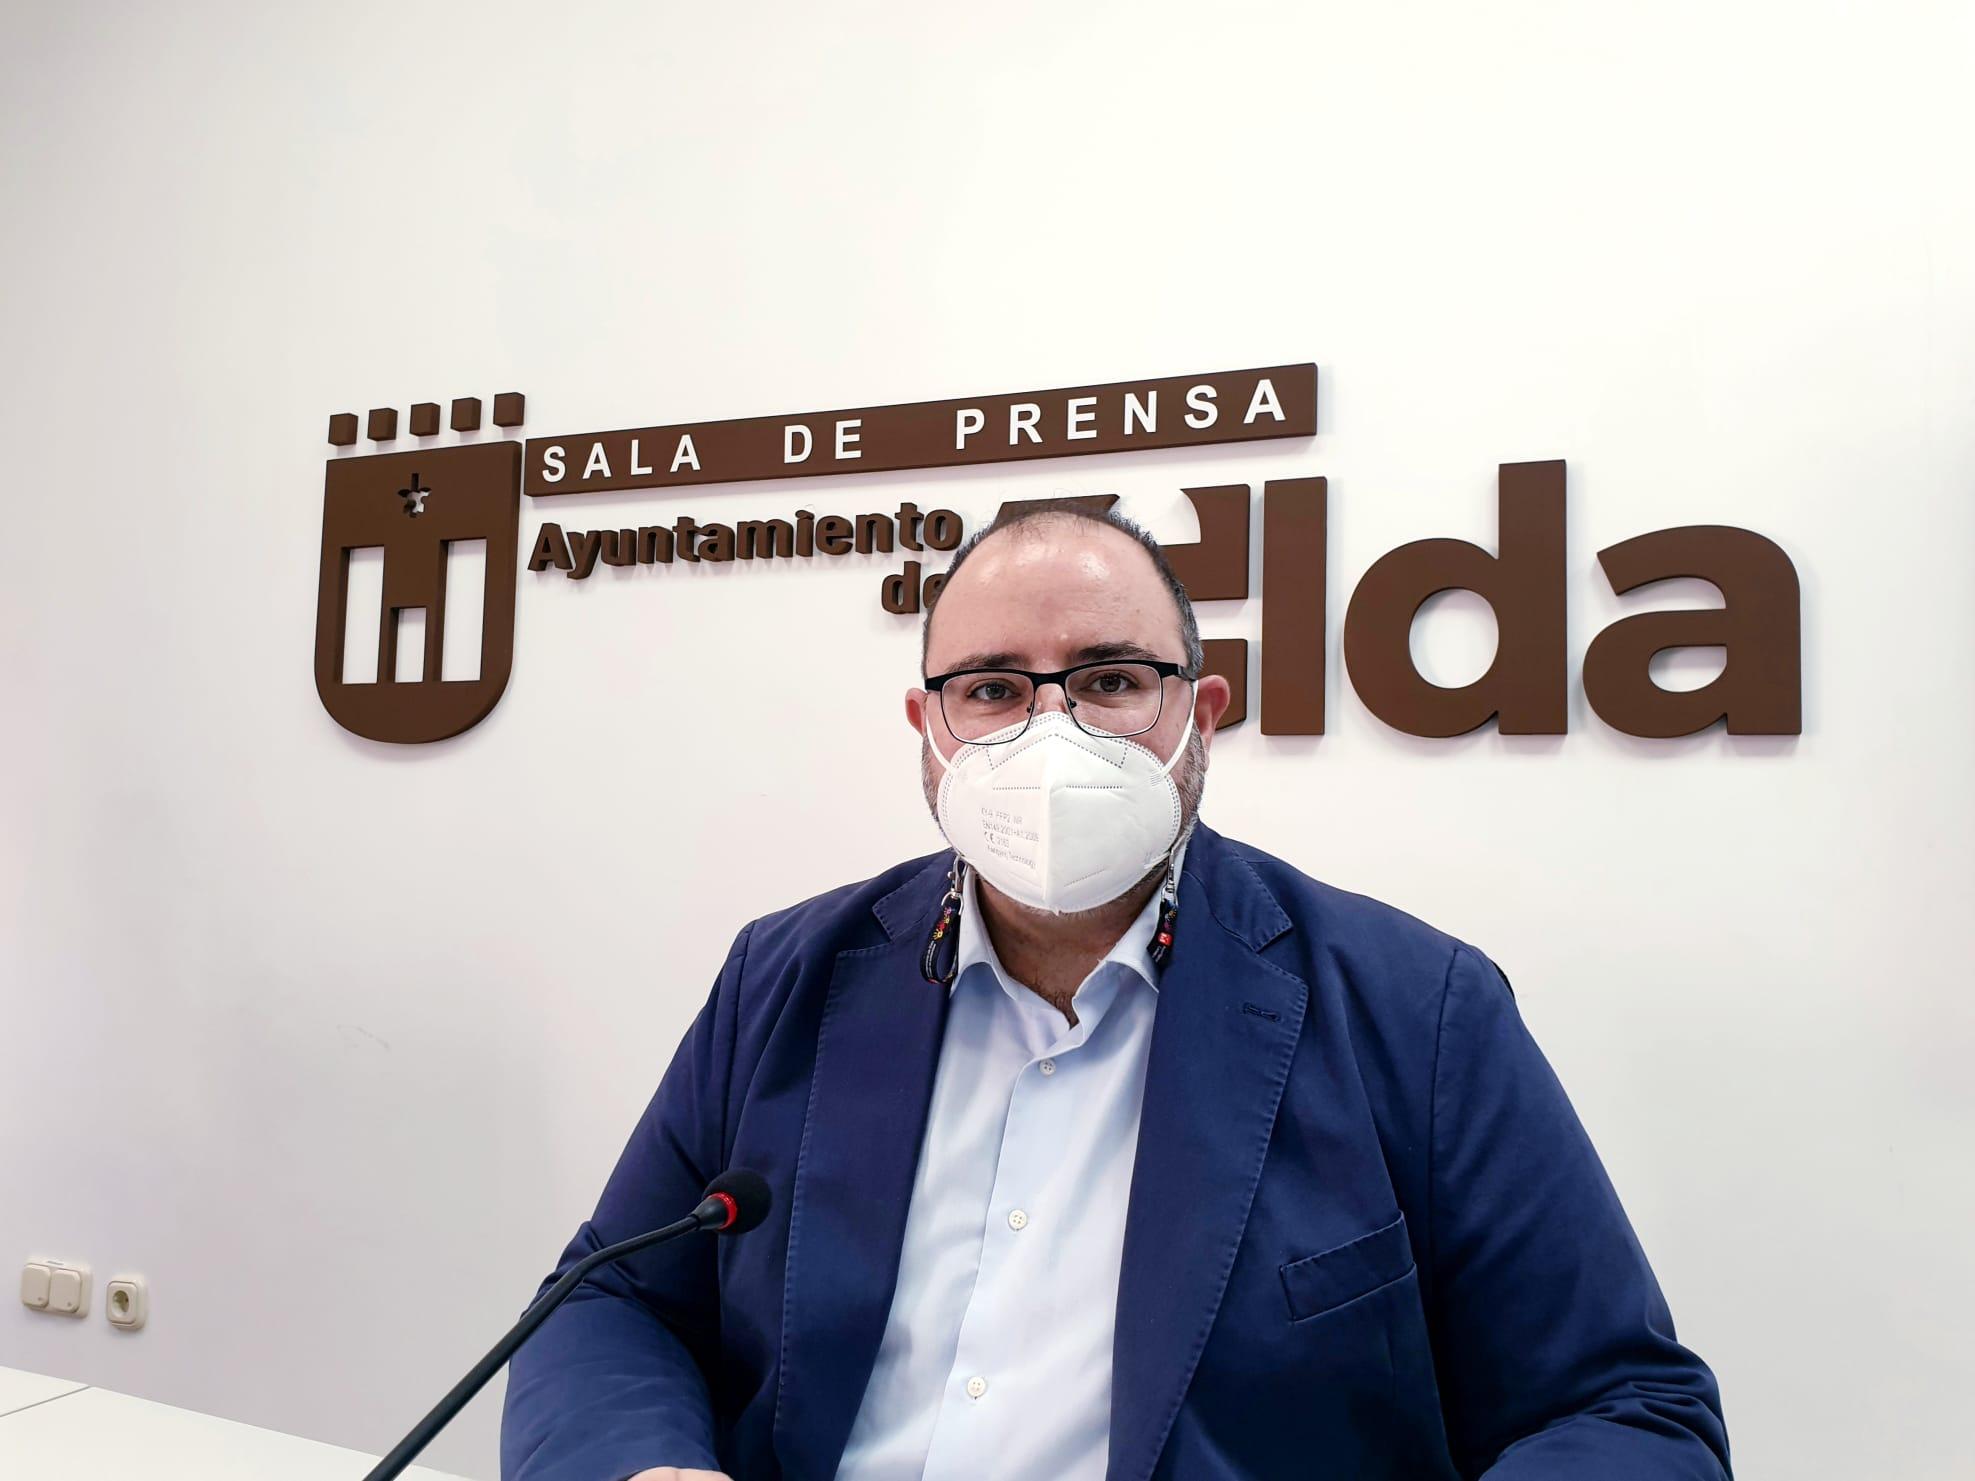 El Ayuntamiento de Elda instalará sensores permanentes para medir la calidad del aire, el nivel de ruido y la afluencia de personas en espacios públicos